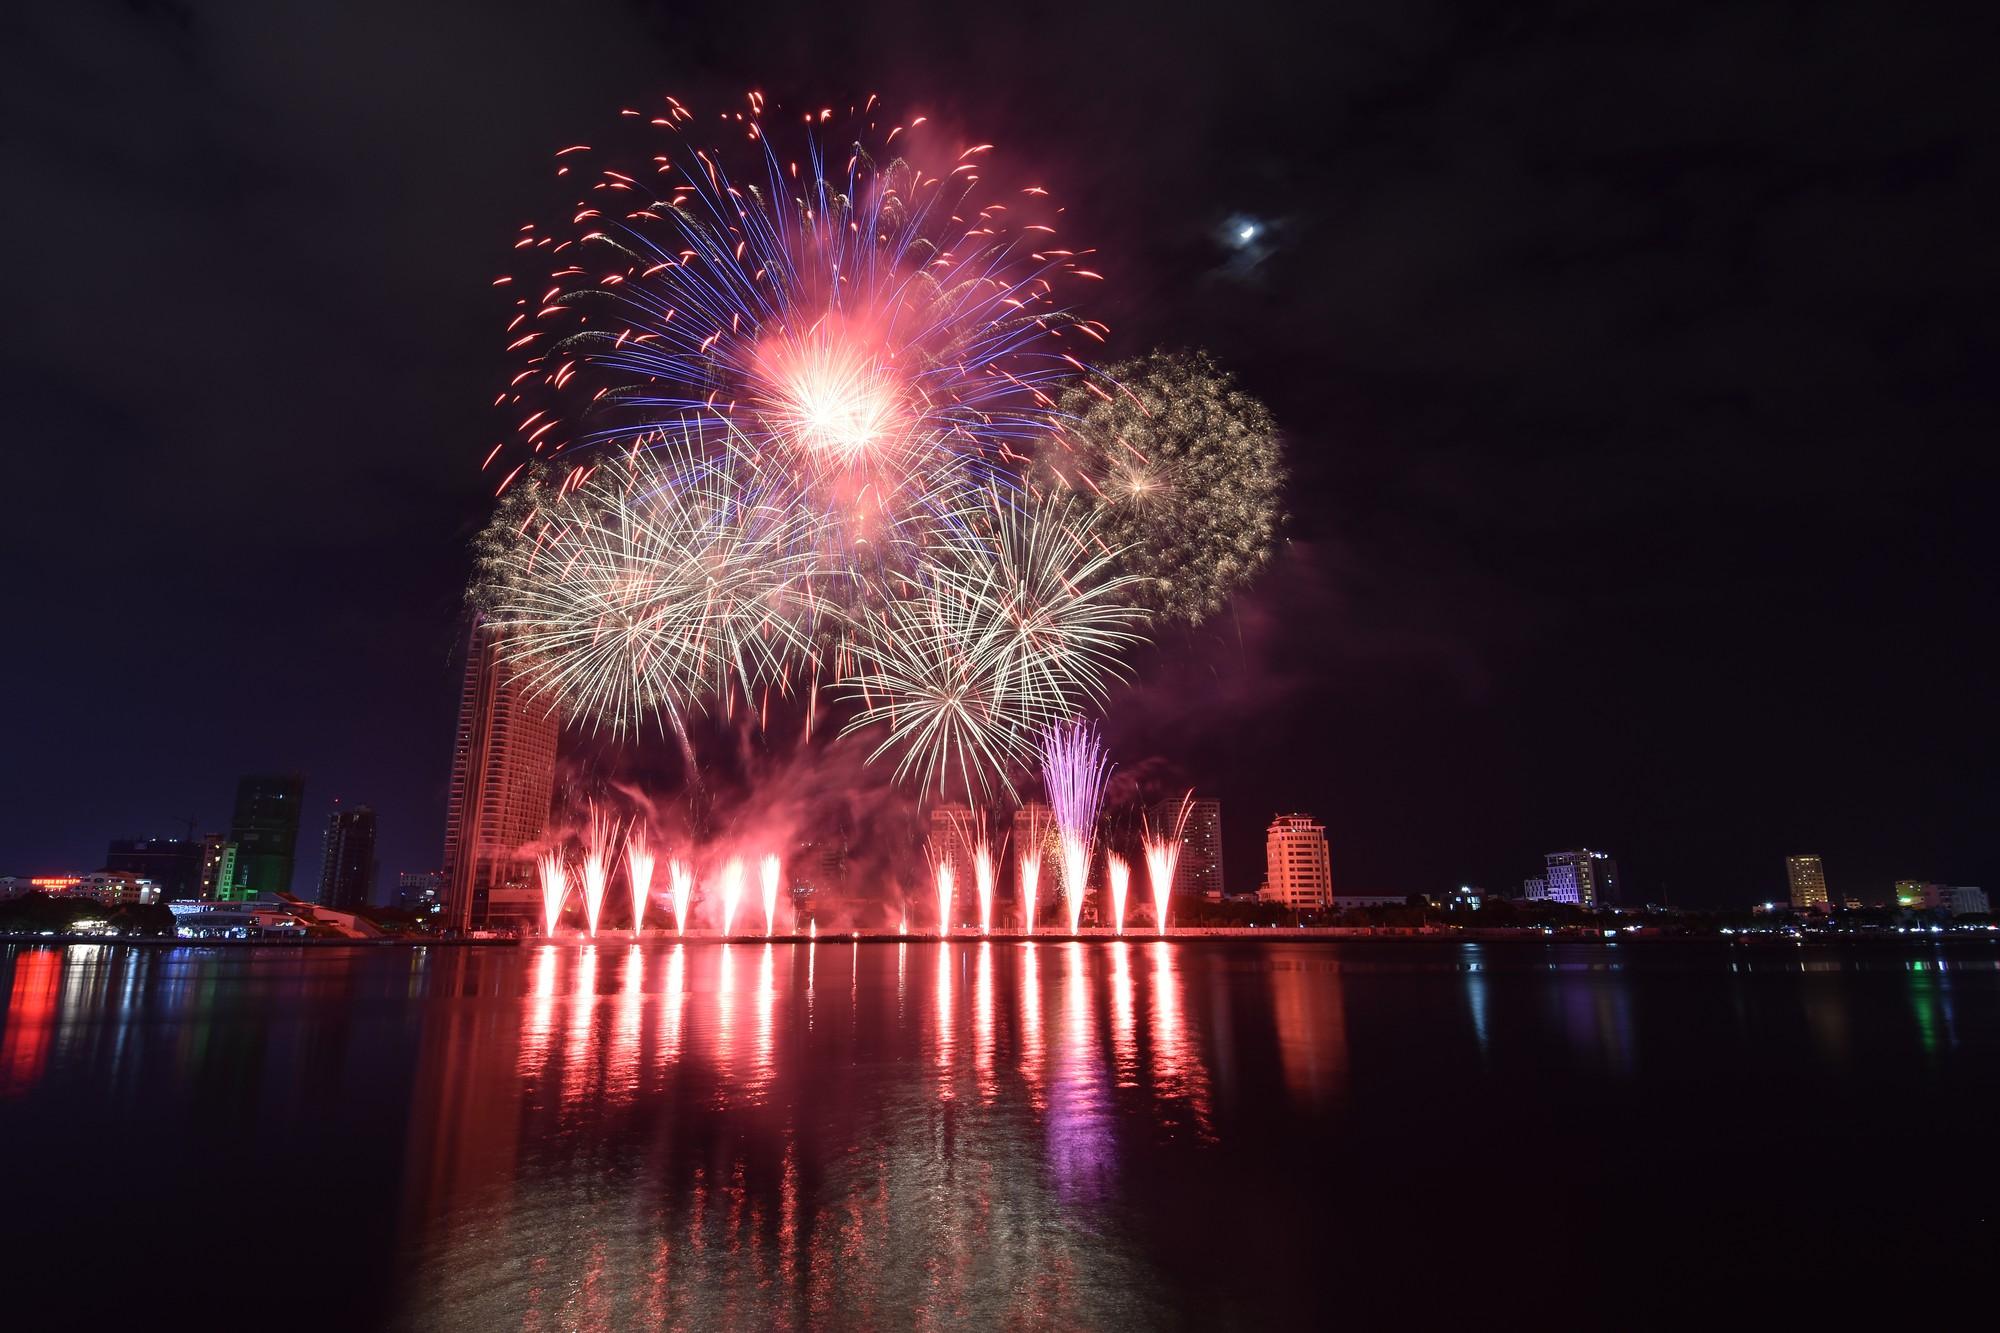 Brasil và Bỉ gửi thông điệp tình yêu bằng ánh sáng pháo hoa trên sông Hàn - Ảnh 5.